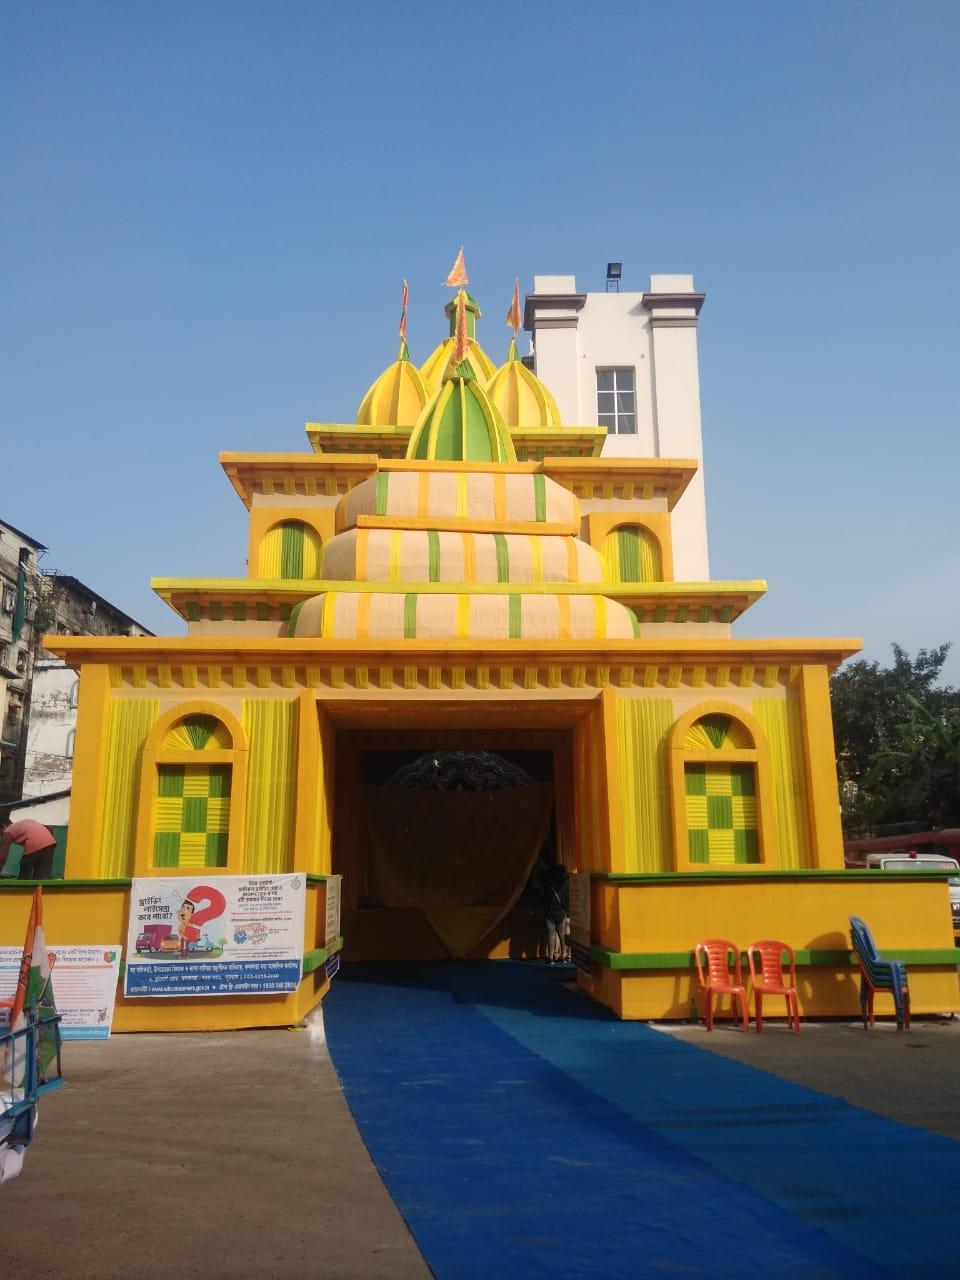 नार्थ कोलकाता का मोहम्मद अली पार्क पूजा पंडाल। इस पूजा पंडाल की थीम सचेतना है। यह कोरोना से सचेत रहने के लिए अन्य सेफ्टी के साथ मास्क पहनने पर जोर दिया गया है।